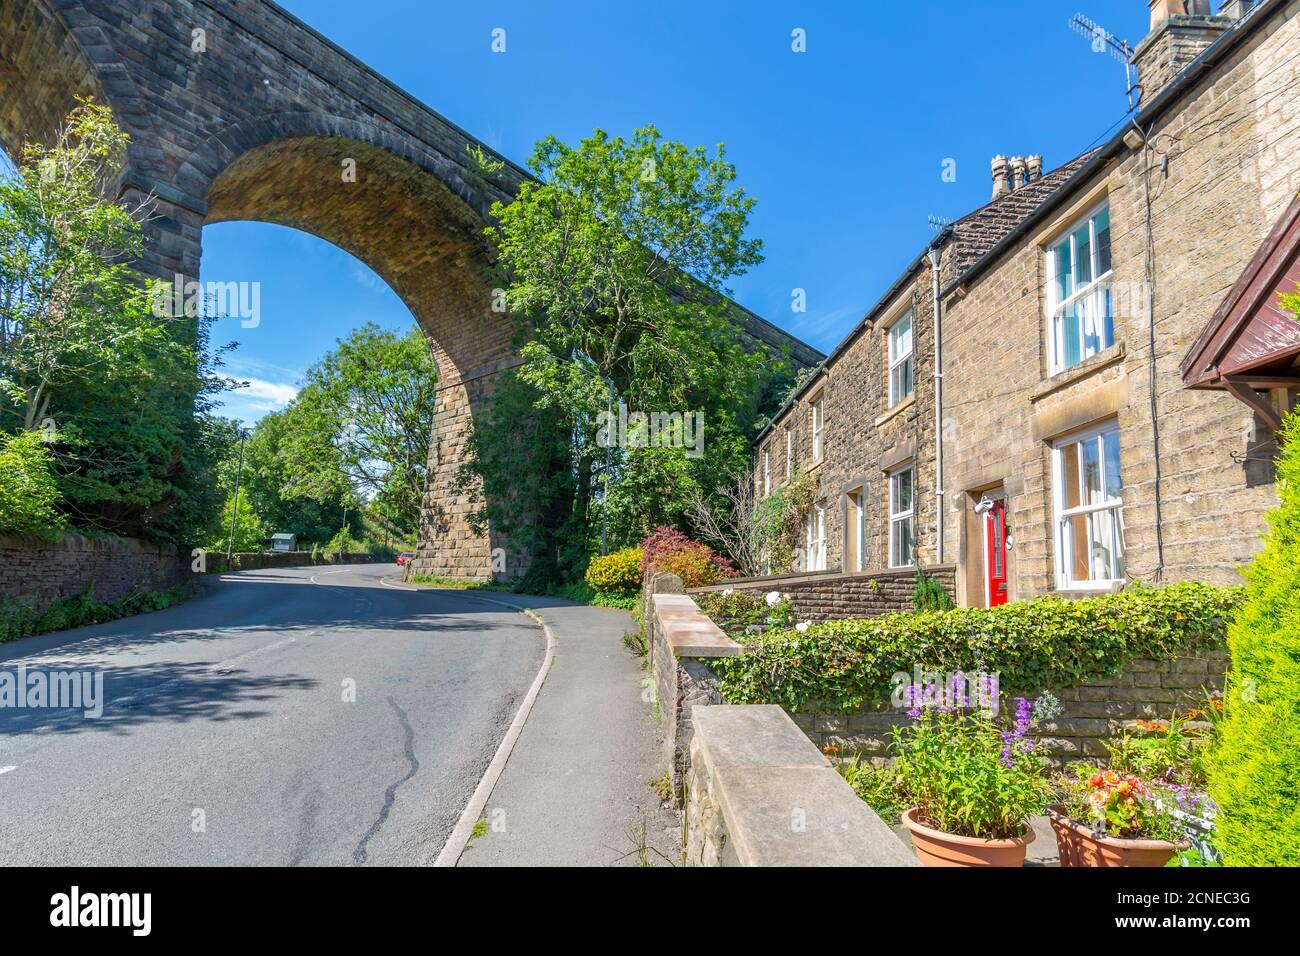 Vue sur le viaduc ferroviaire et les chalets de Chapel Milton, Derbyshire, Angleterre, Royaume-Uni, Europe Banque D'Images